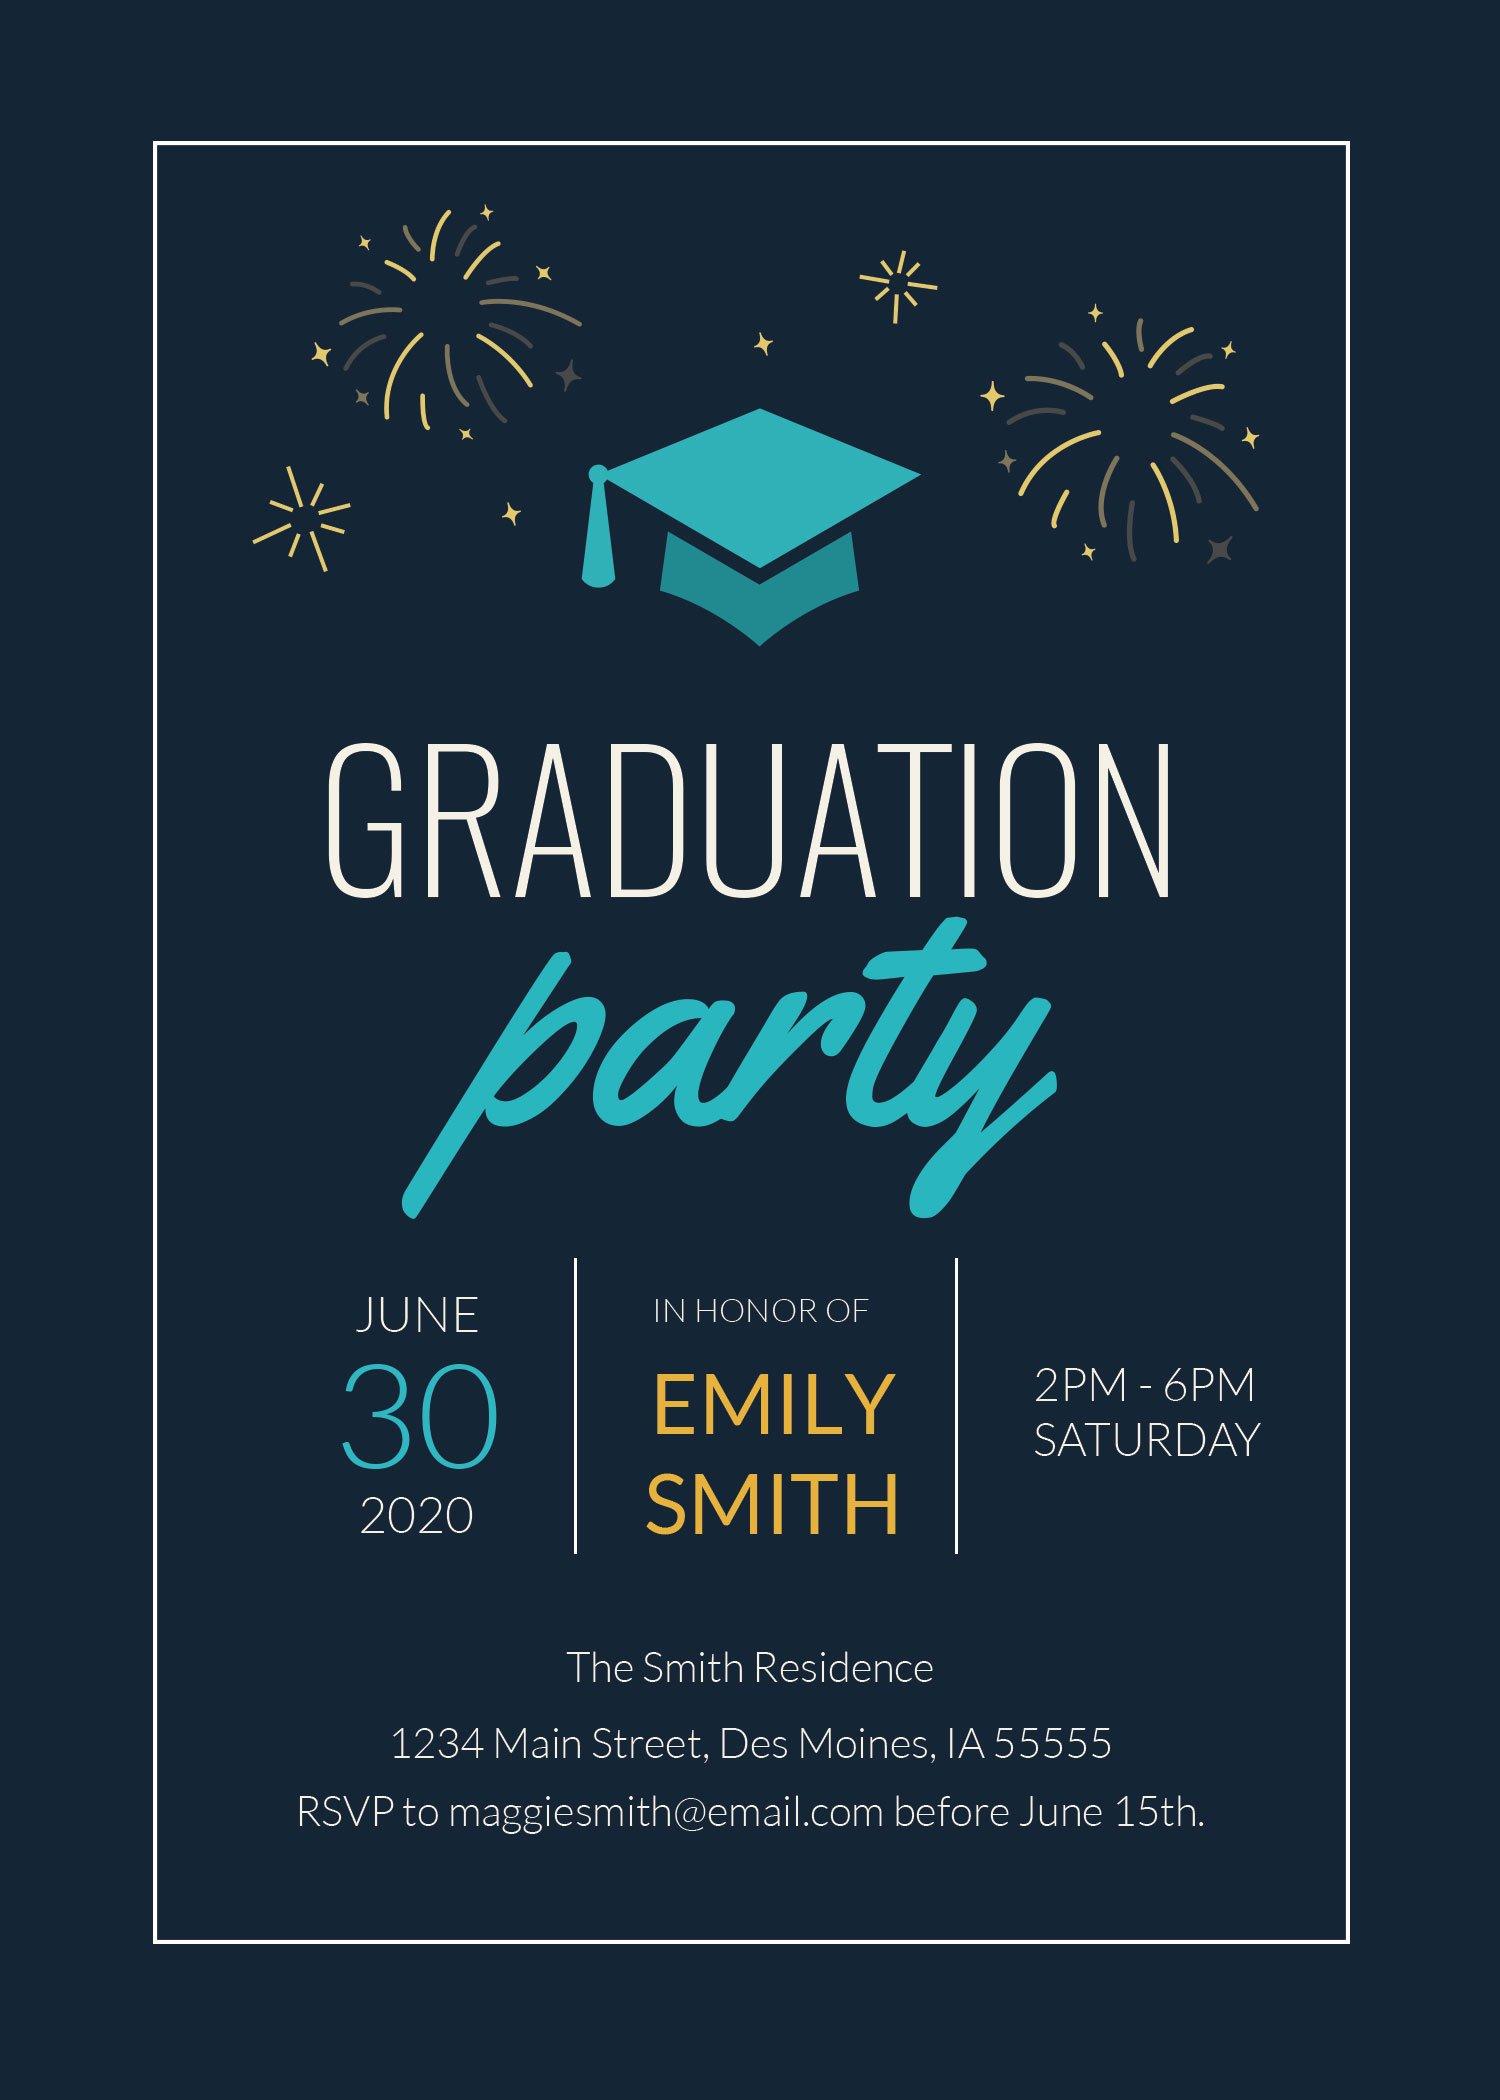 college graduation invitation template in adobe photoshop